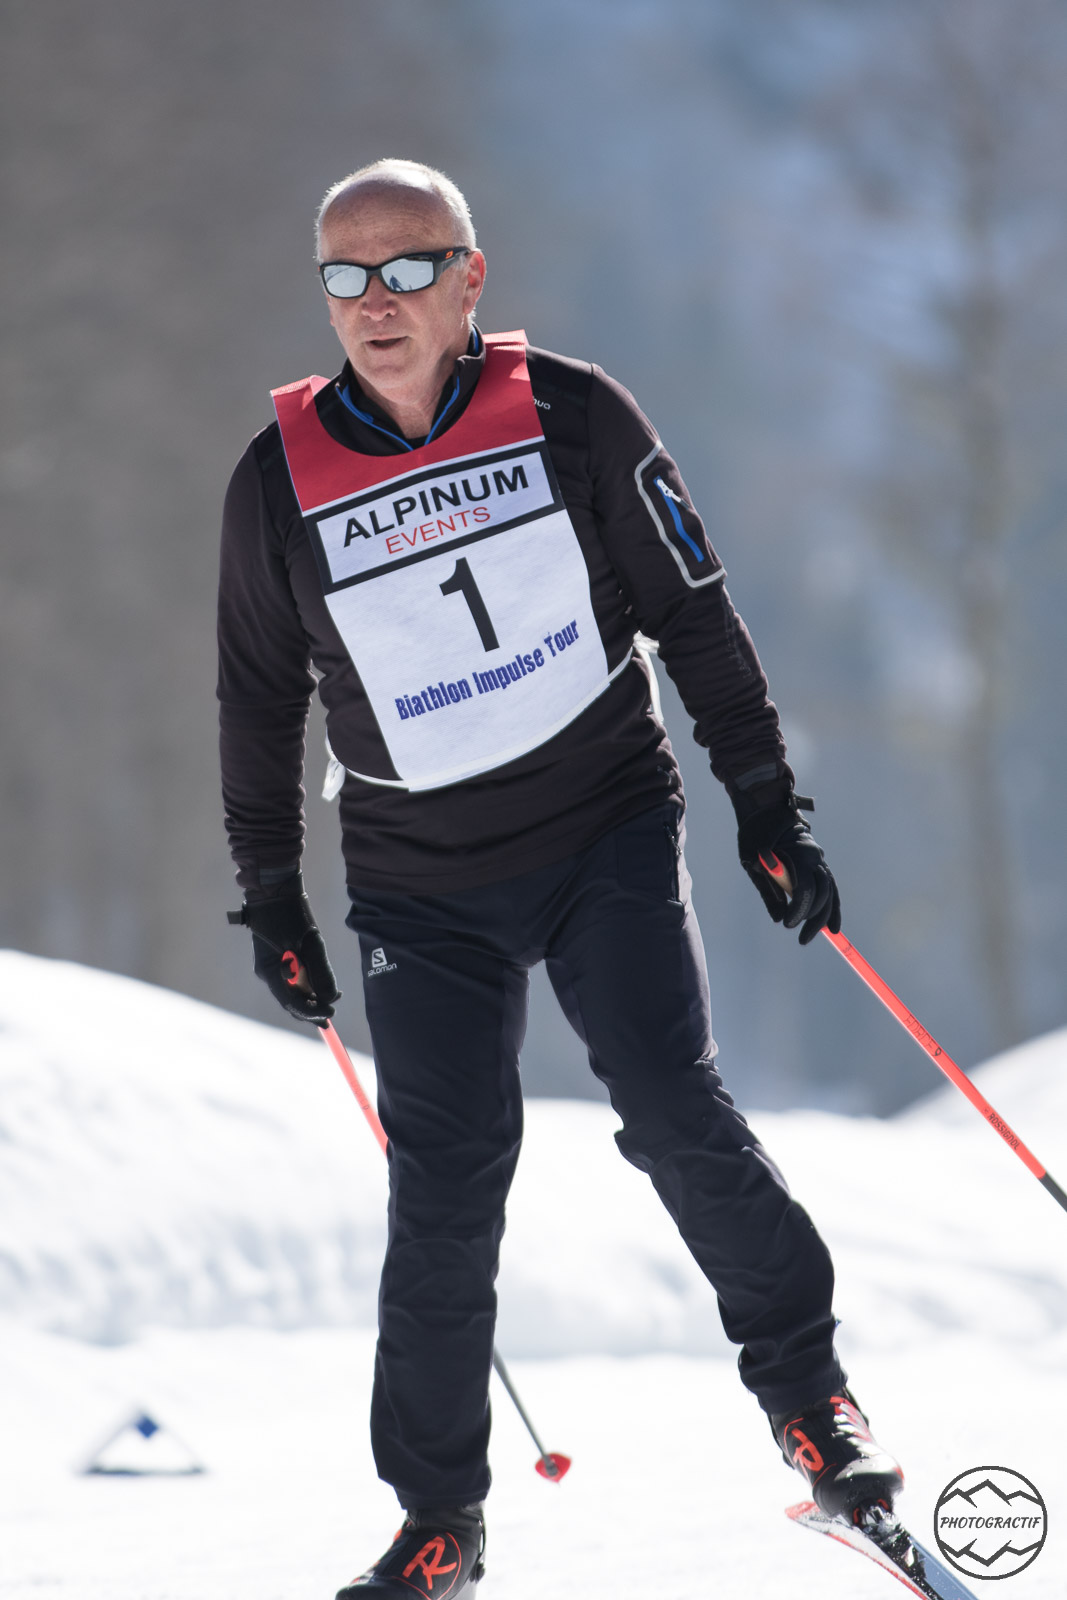 Biathlon Alpinum Les Contamines 2019 (26)